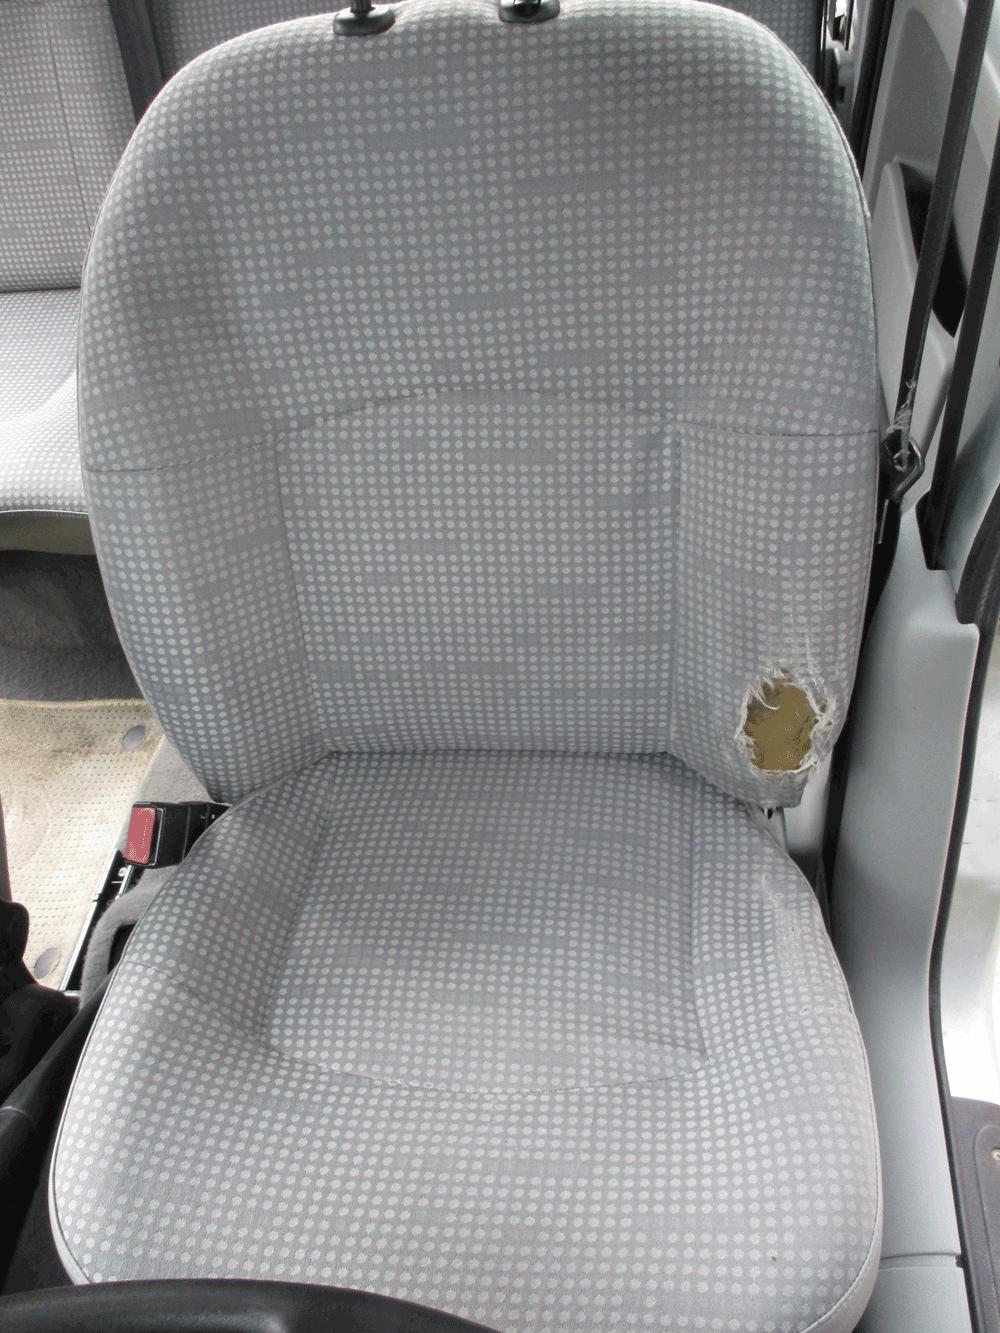 serwis-tapicerka-samochodowa-wroclaw-117